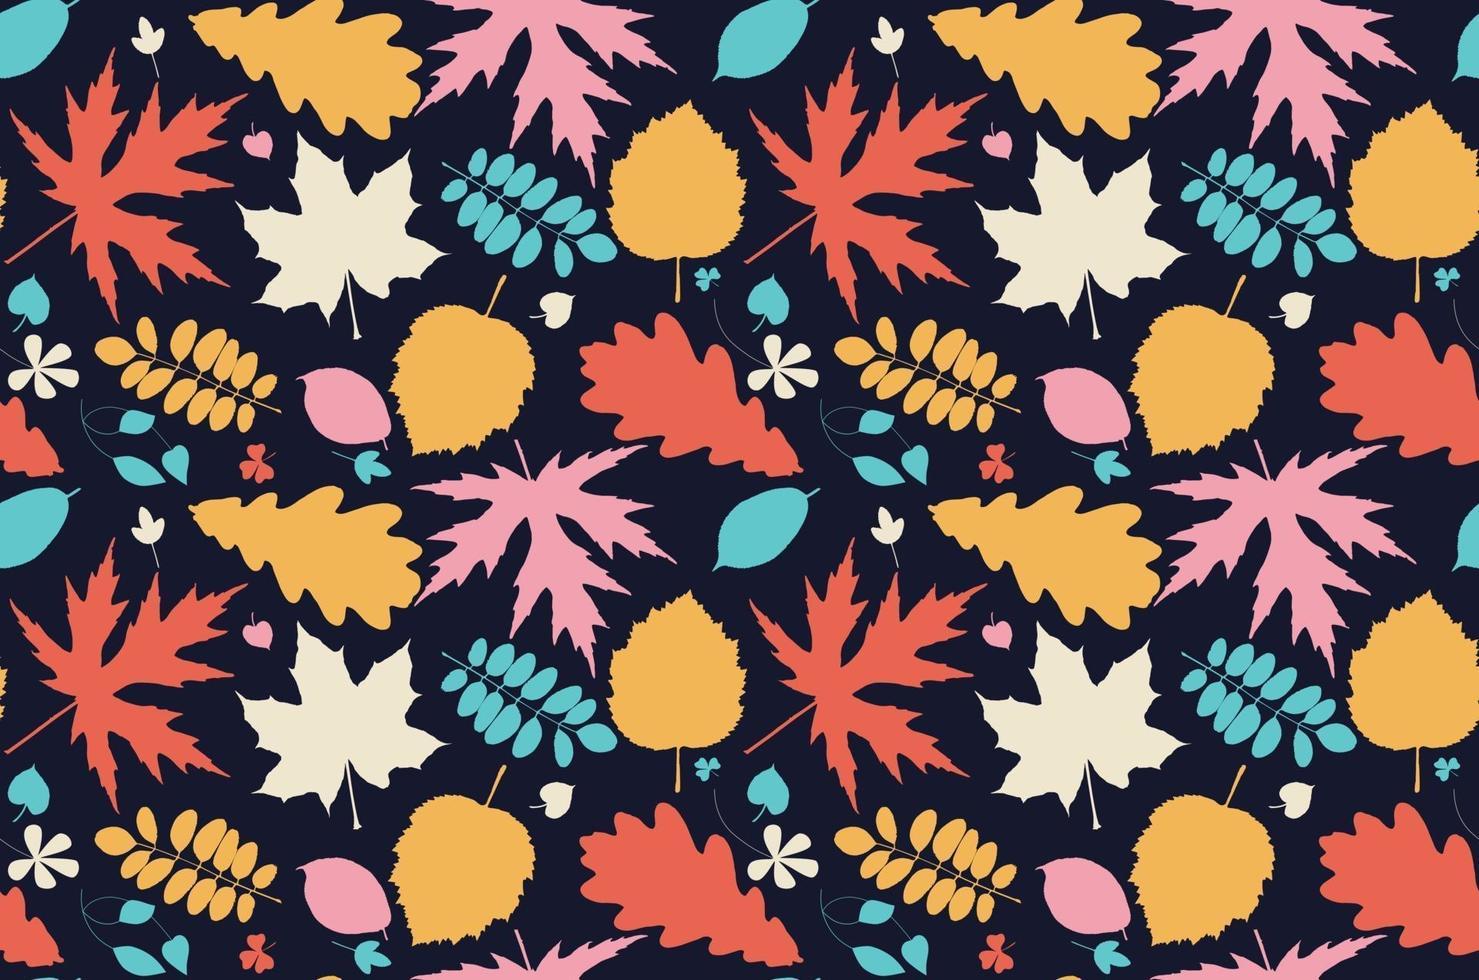 hoja de patrones sin fisuras. naturaleza. bosque. versión oscura. vector